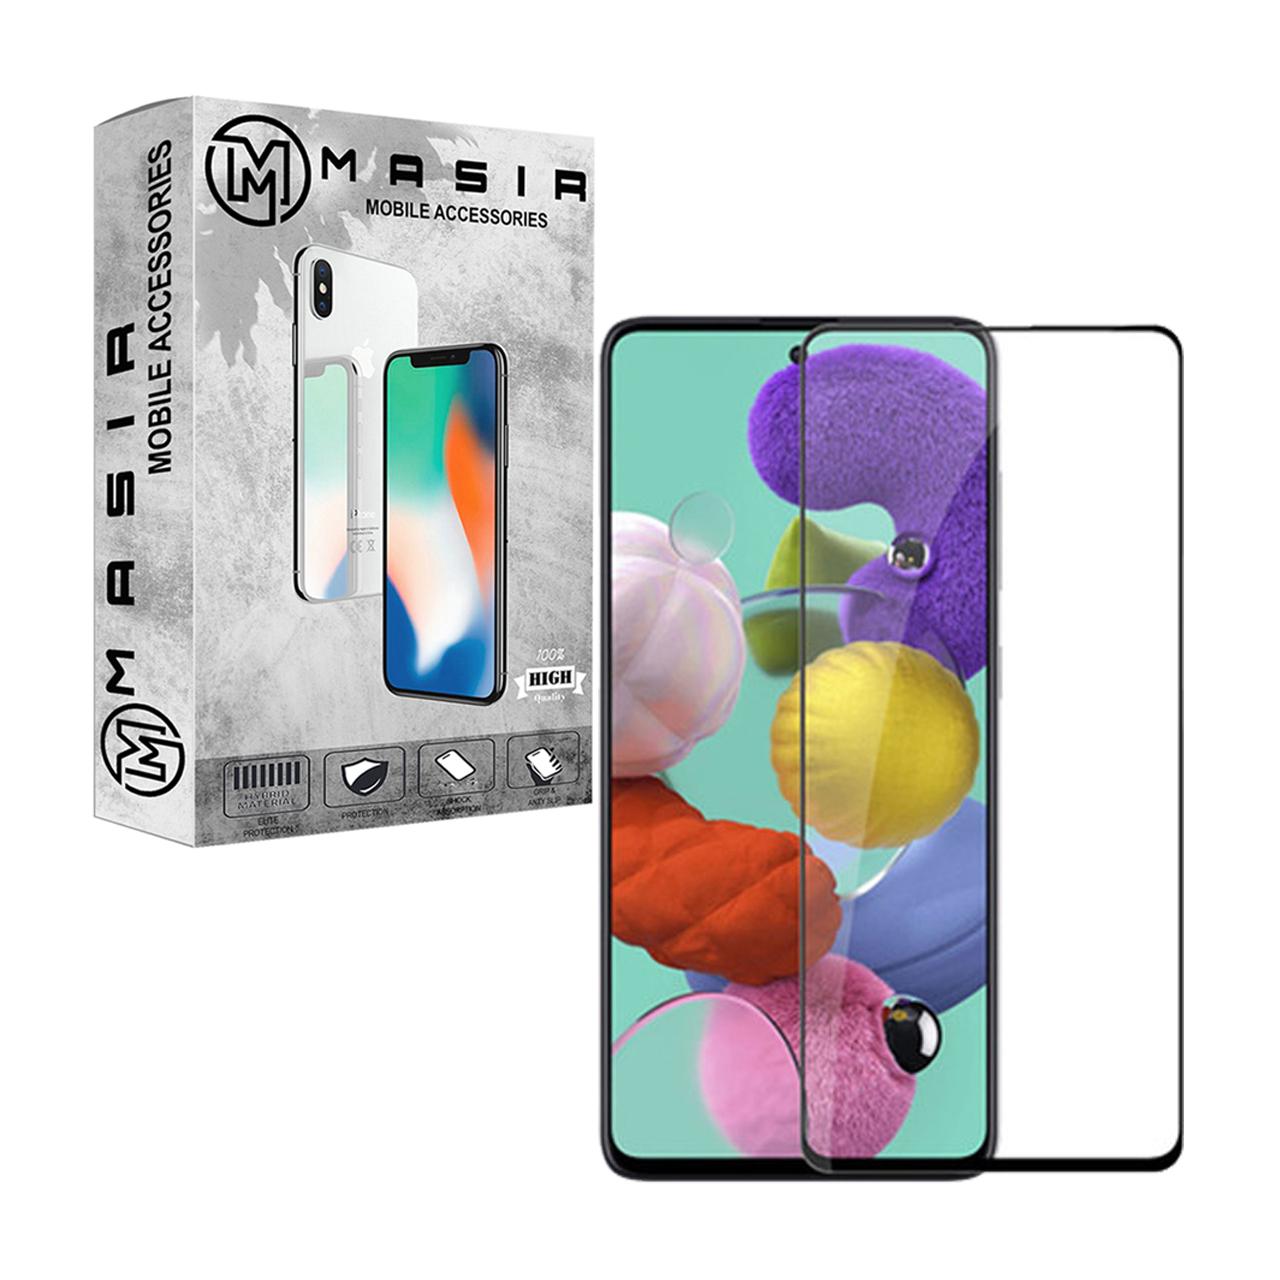 محافظ صفحه نمایش مسیر مدل MGF-1 مناسب برای گوشی موبایل سامسونگ Galaxy A51